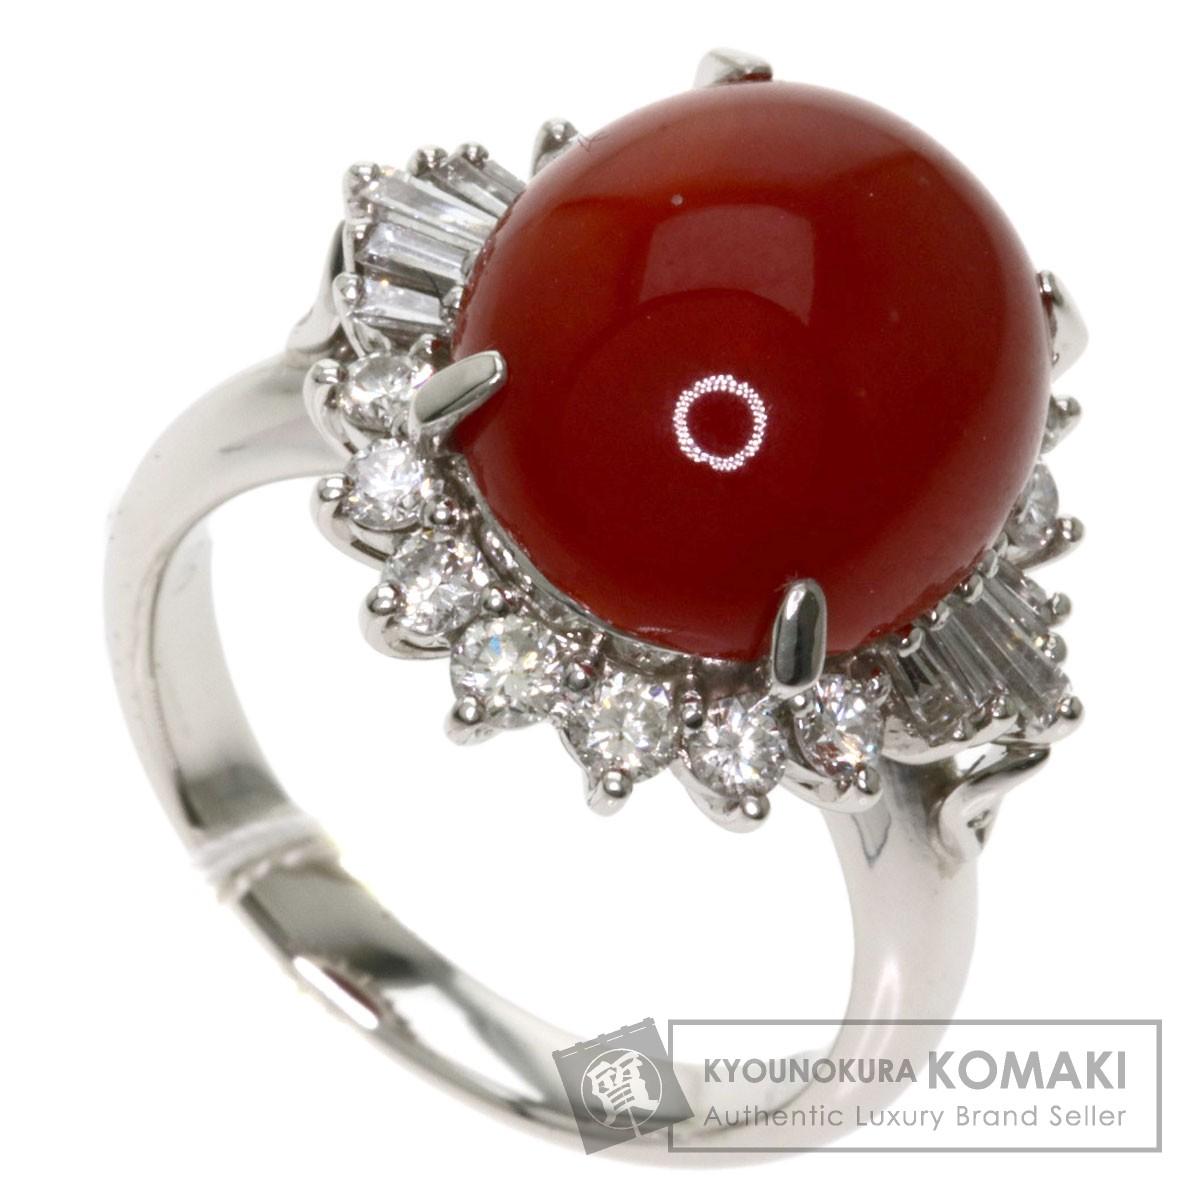 珊瑚 サンゴ ダイヤモンド リング・指輪 プラチナPT900 レディース 【中古】